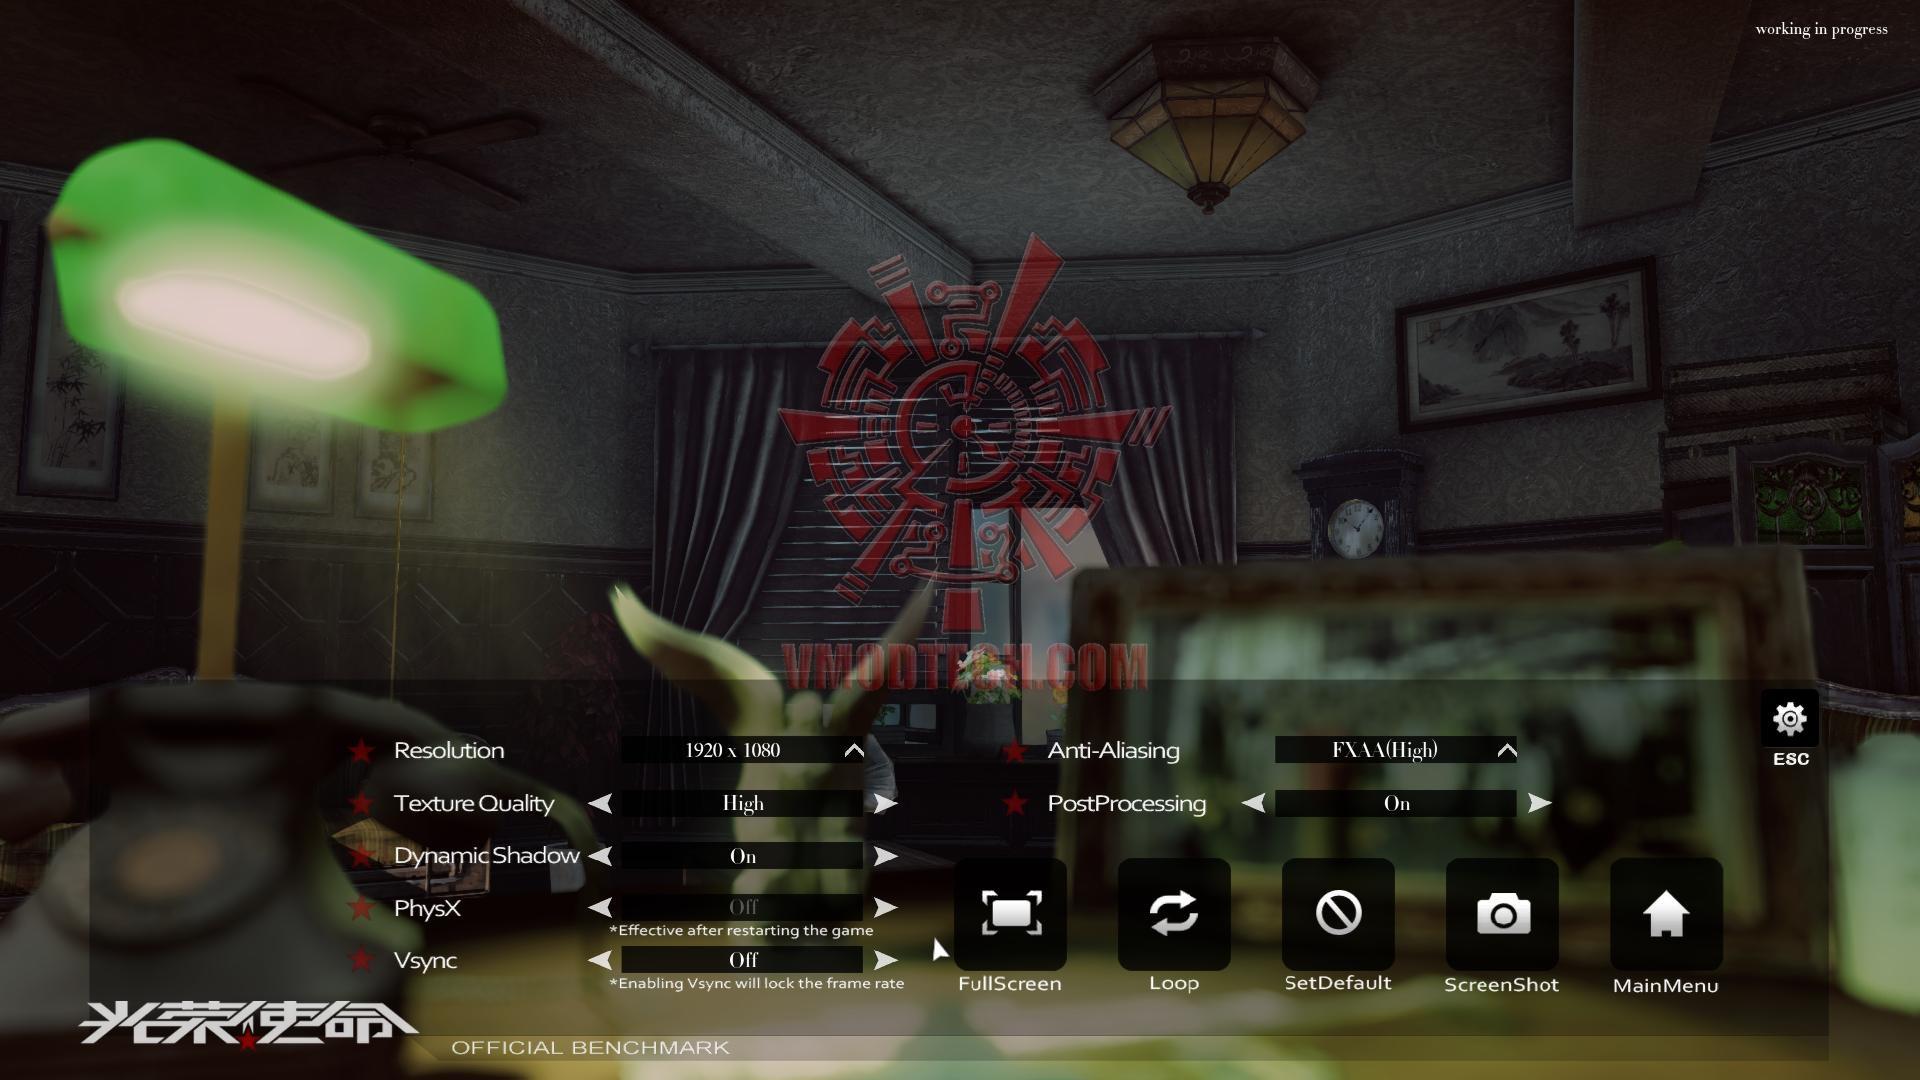 ASUS GeForce GTX 1050Ti 4GB CERBERUS Review , : : Full HD